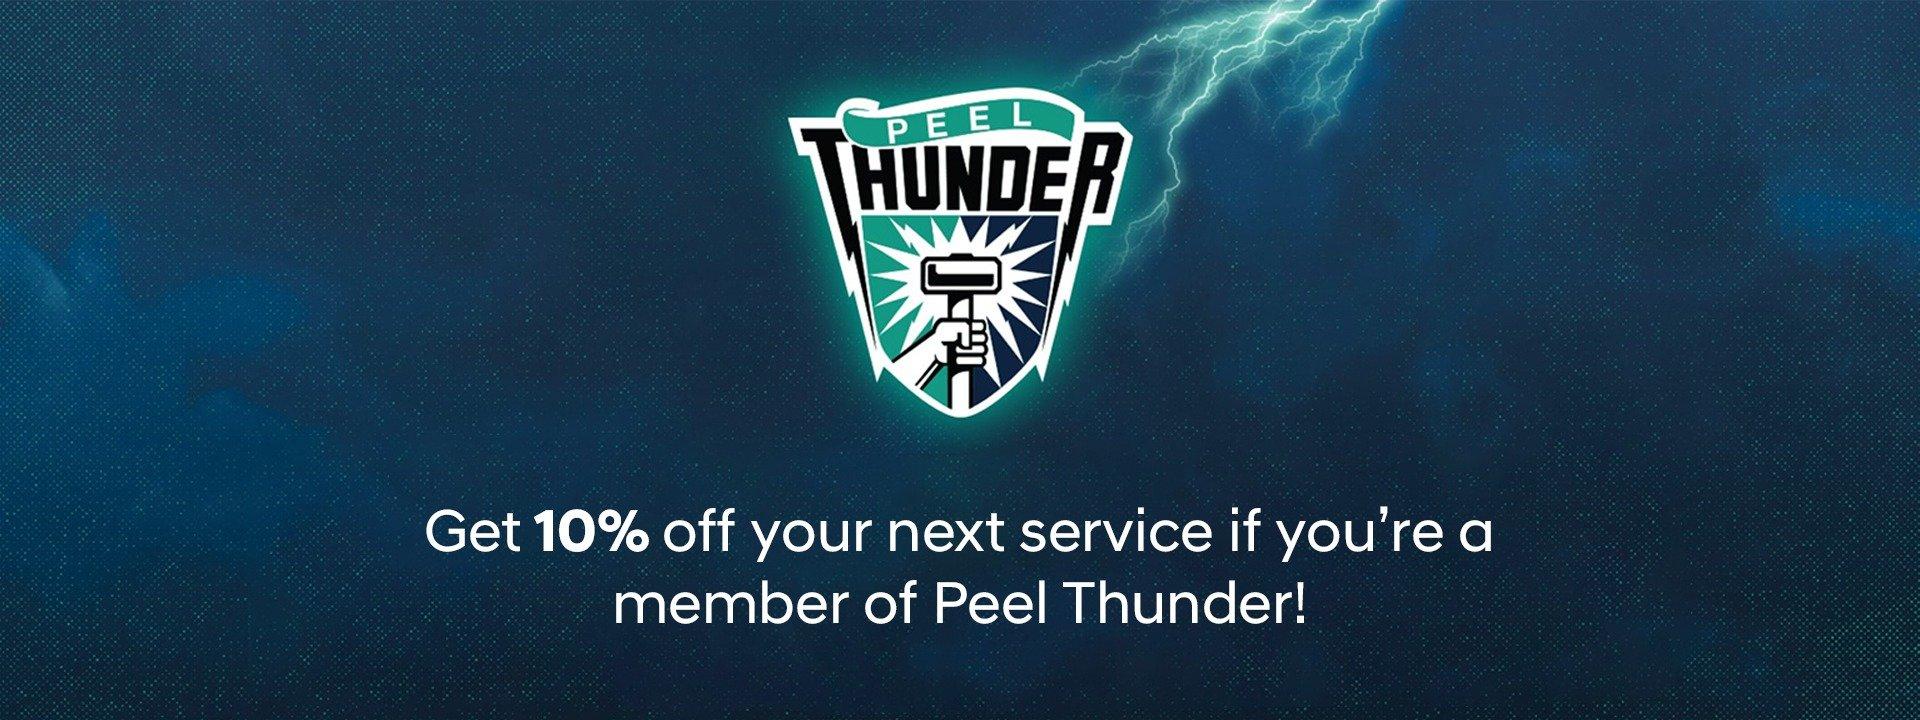 peel-thunder-members-discount-mandurah